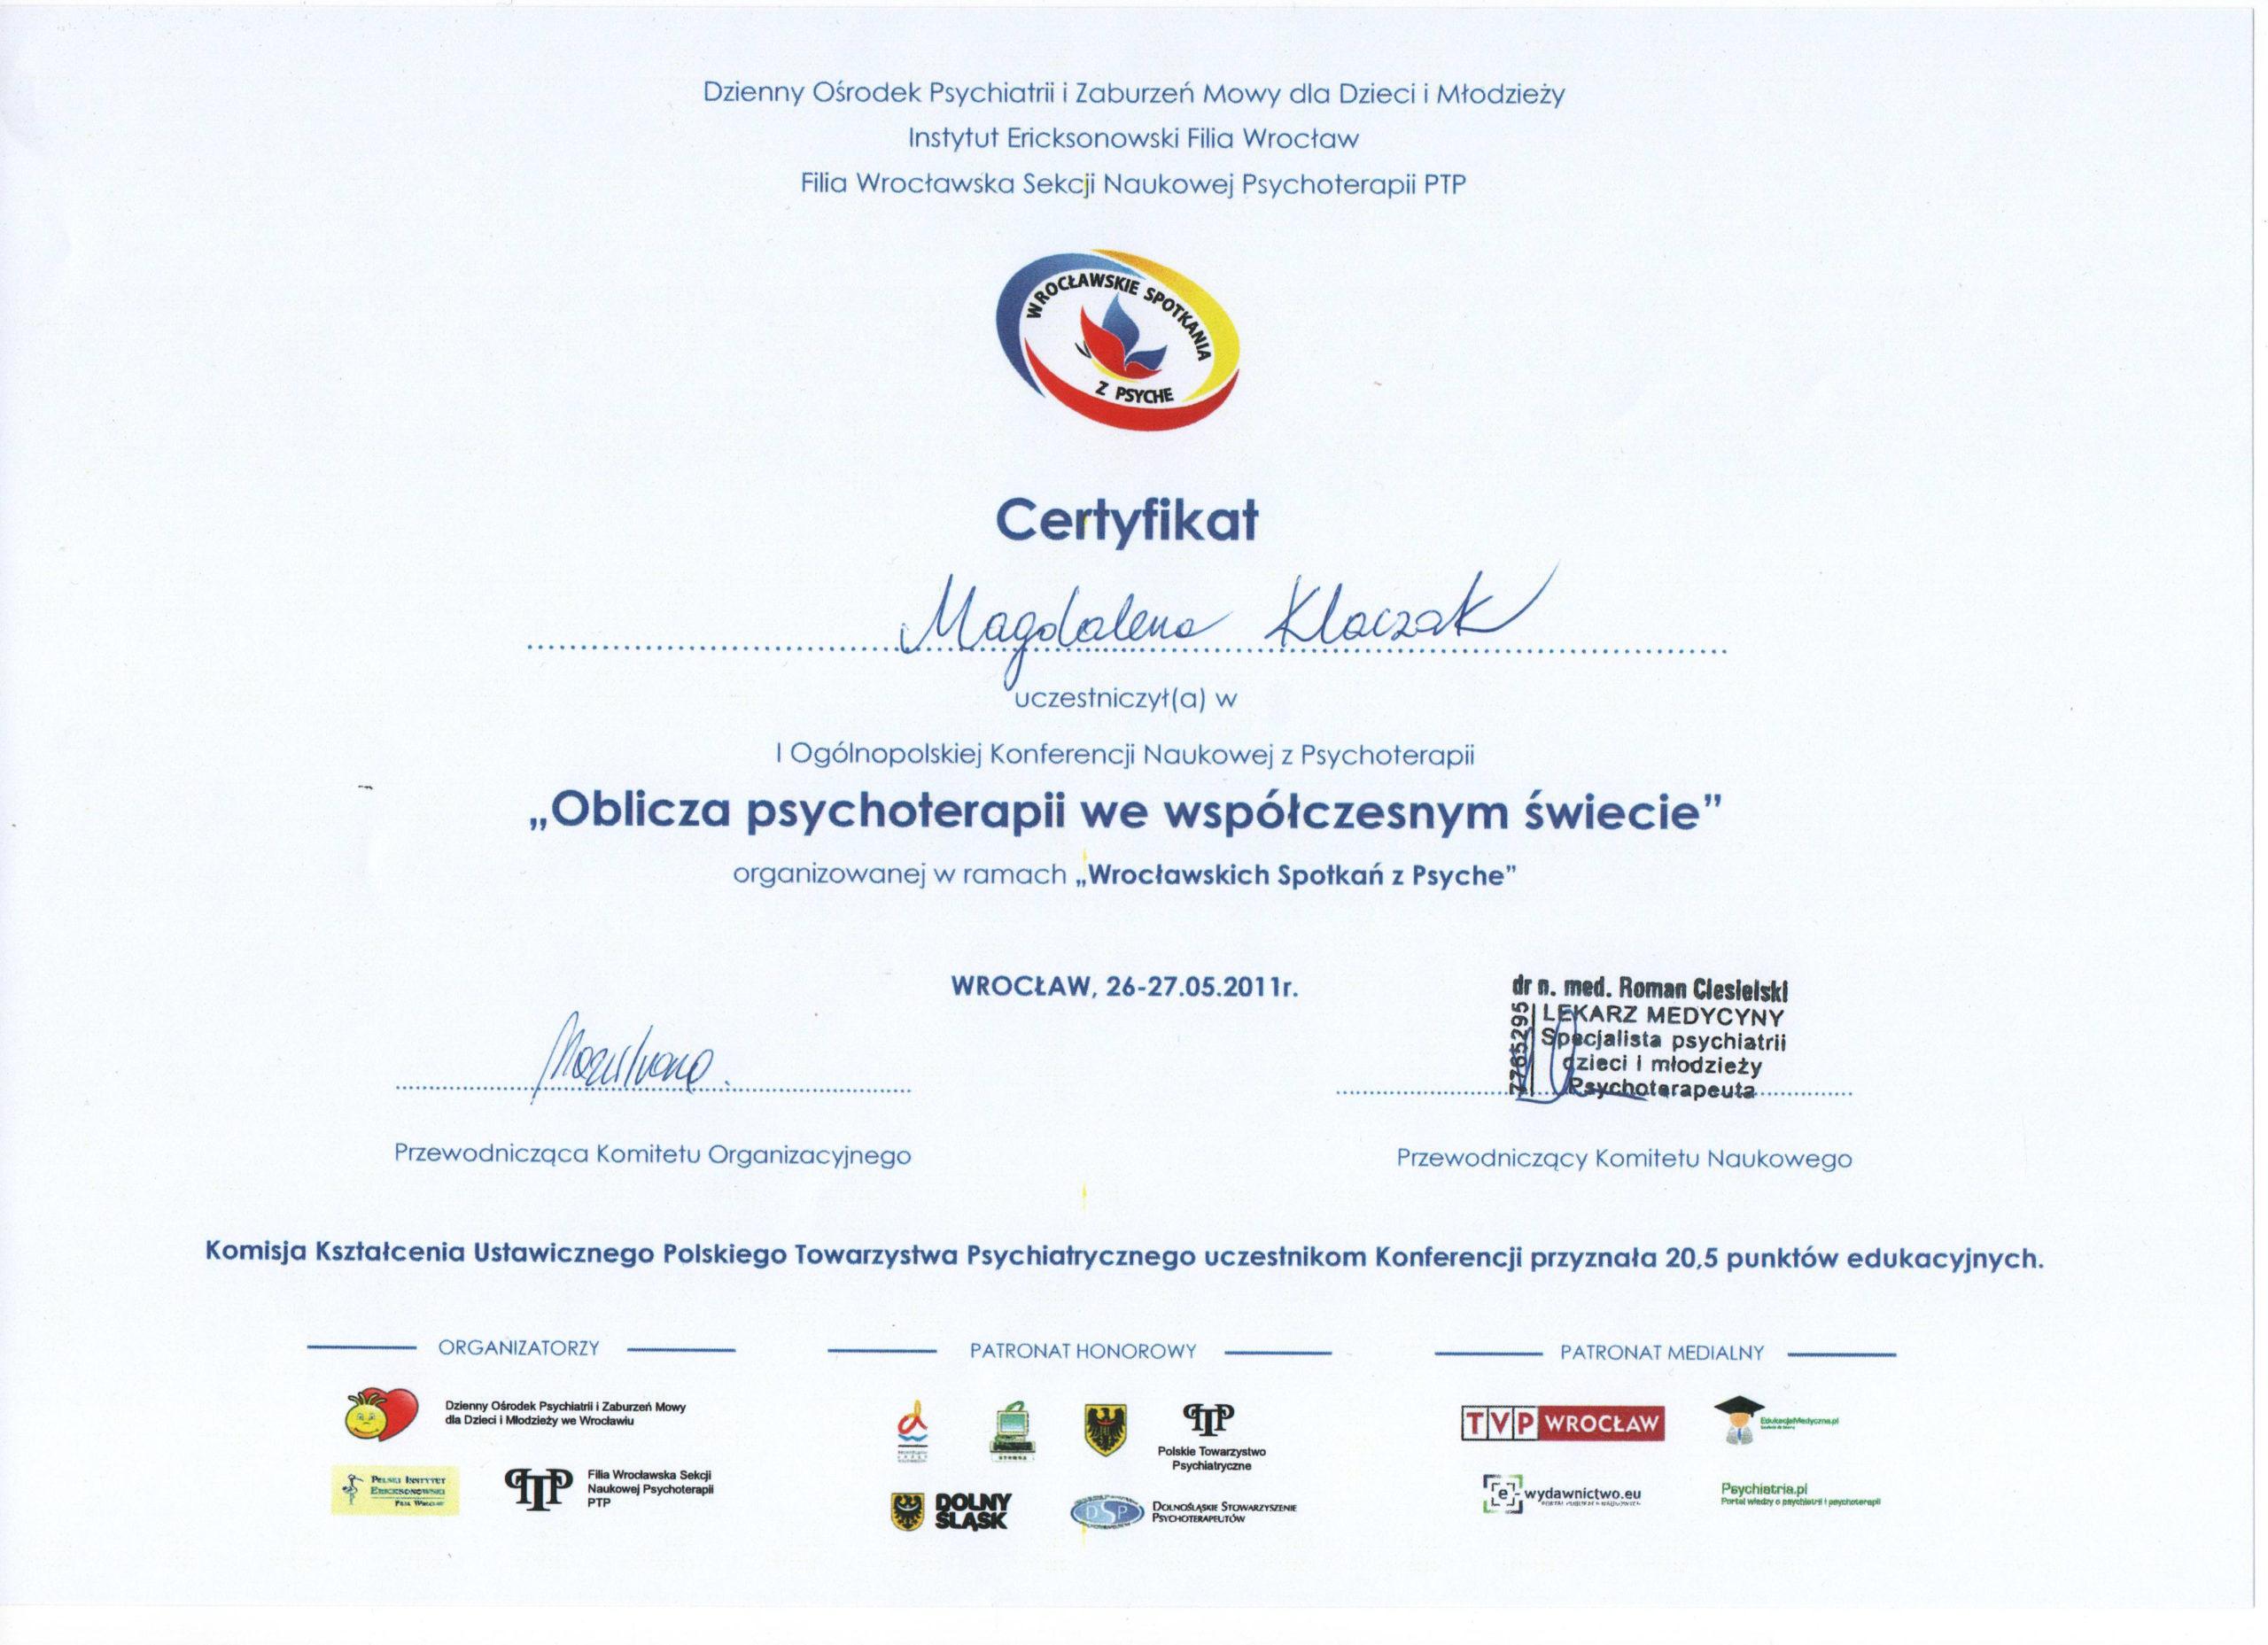 Oblicza psychoterapii we współczesnym świecie